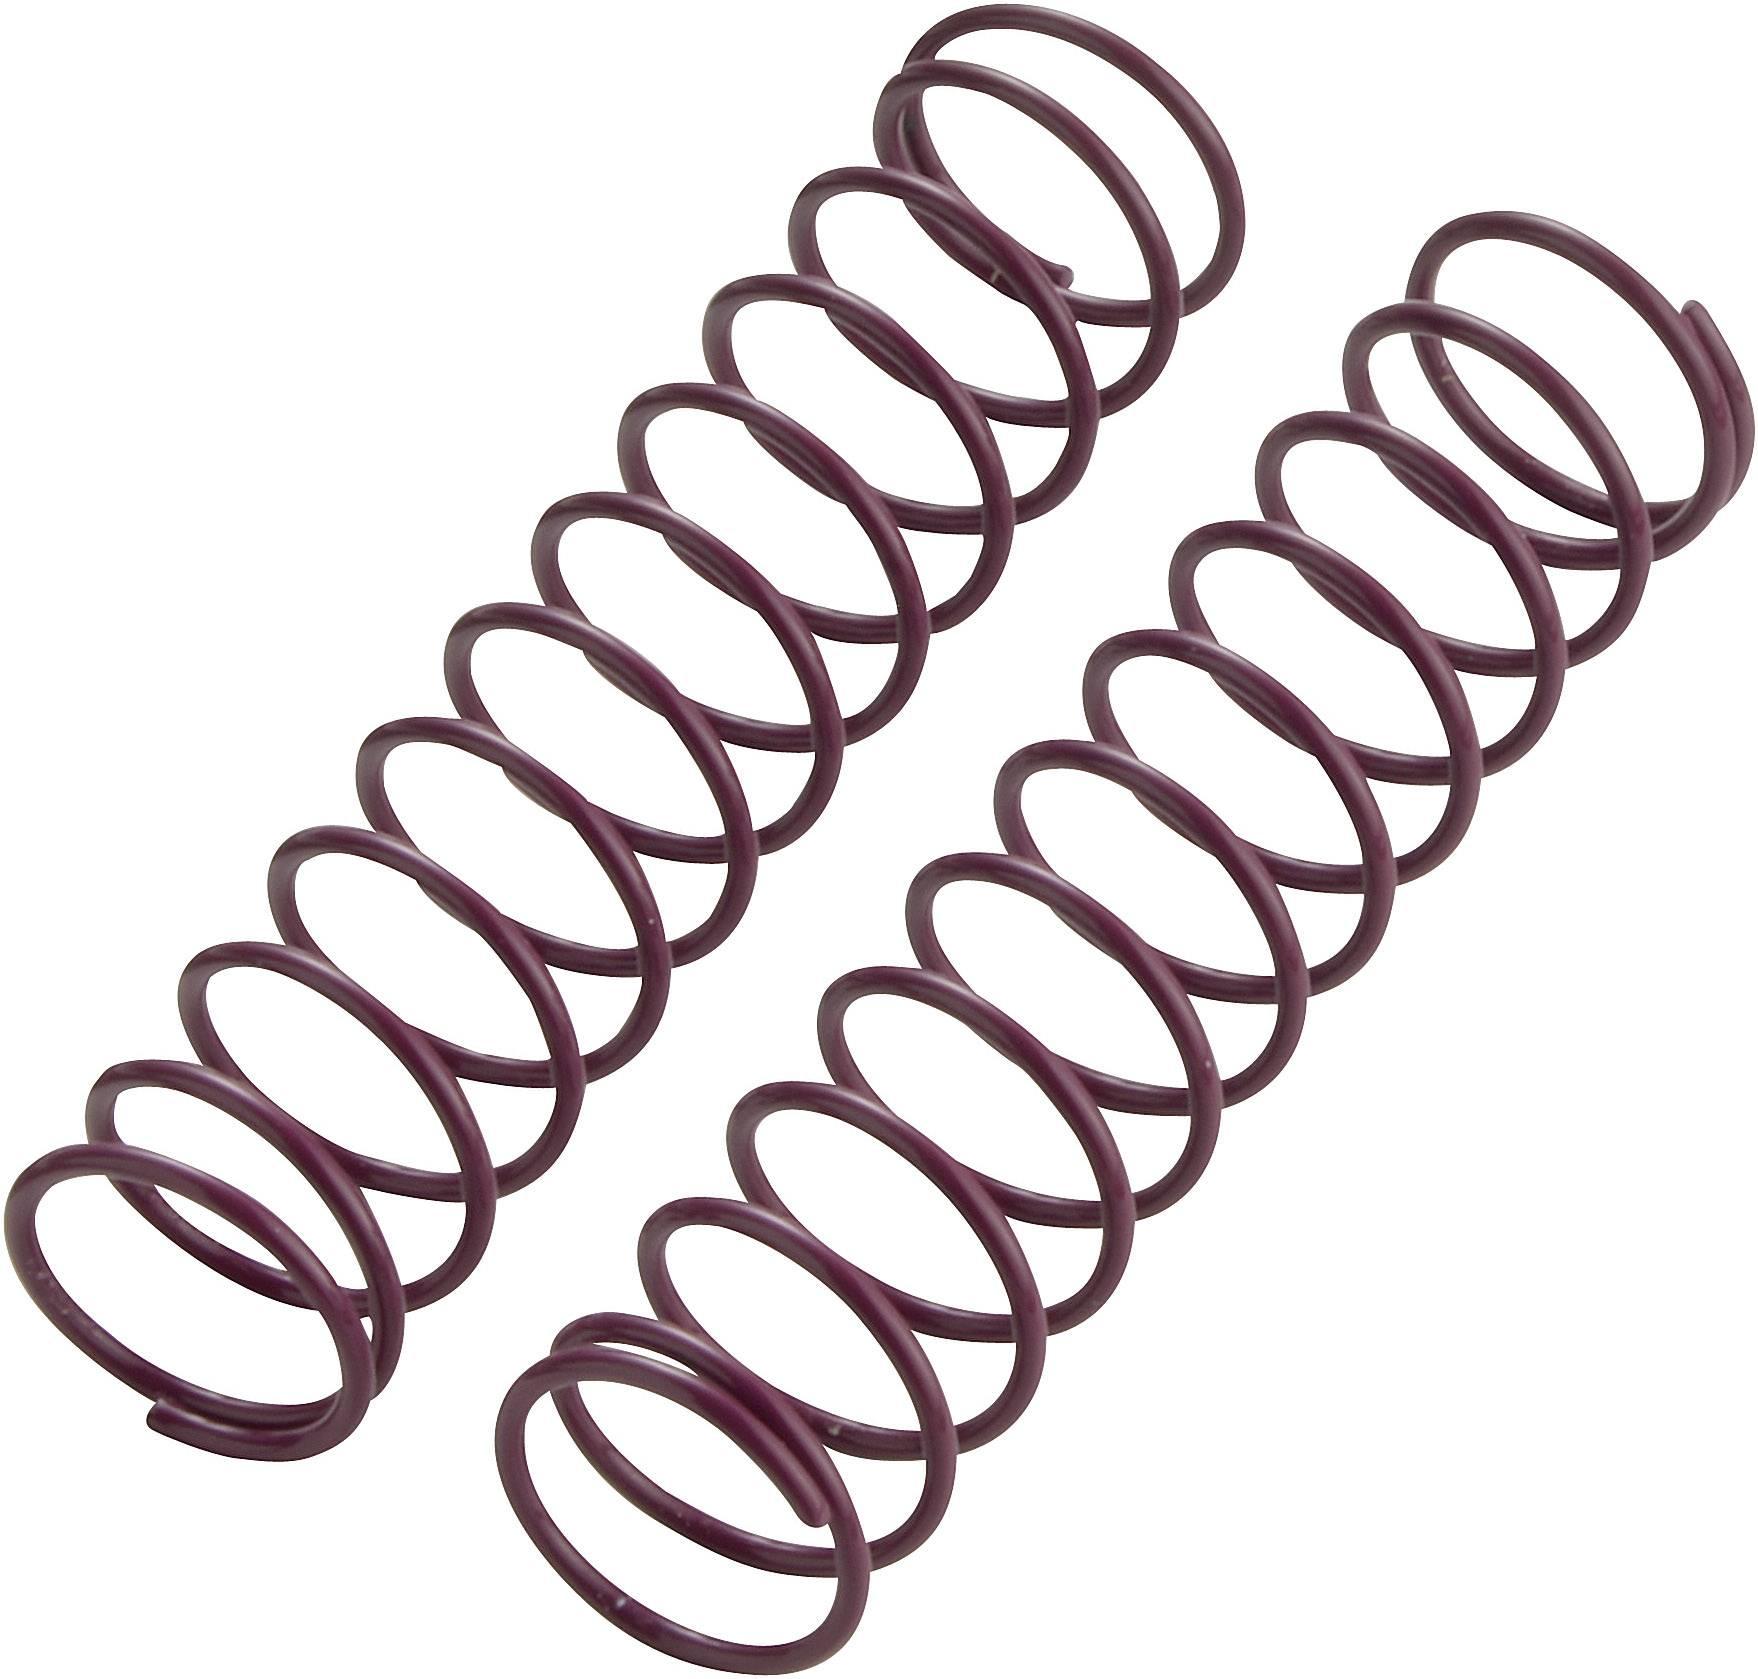 Pružina tlumiče Reely Hard, 72,5 x 1,3 mm, fialová, 1:10, 2 ks (VB11204P)